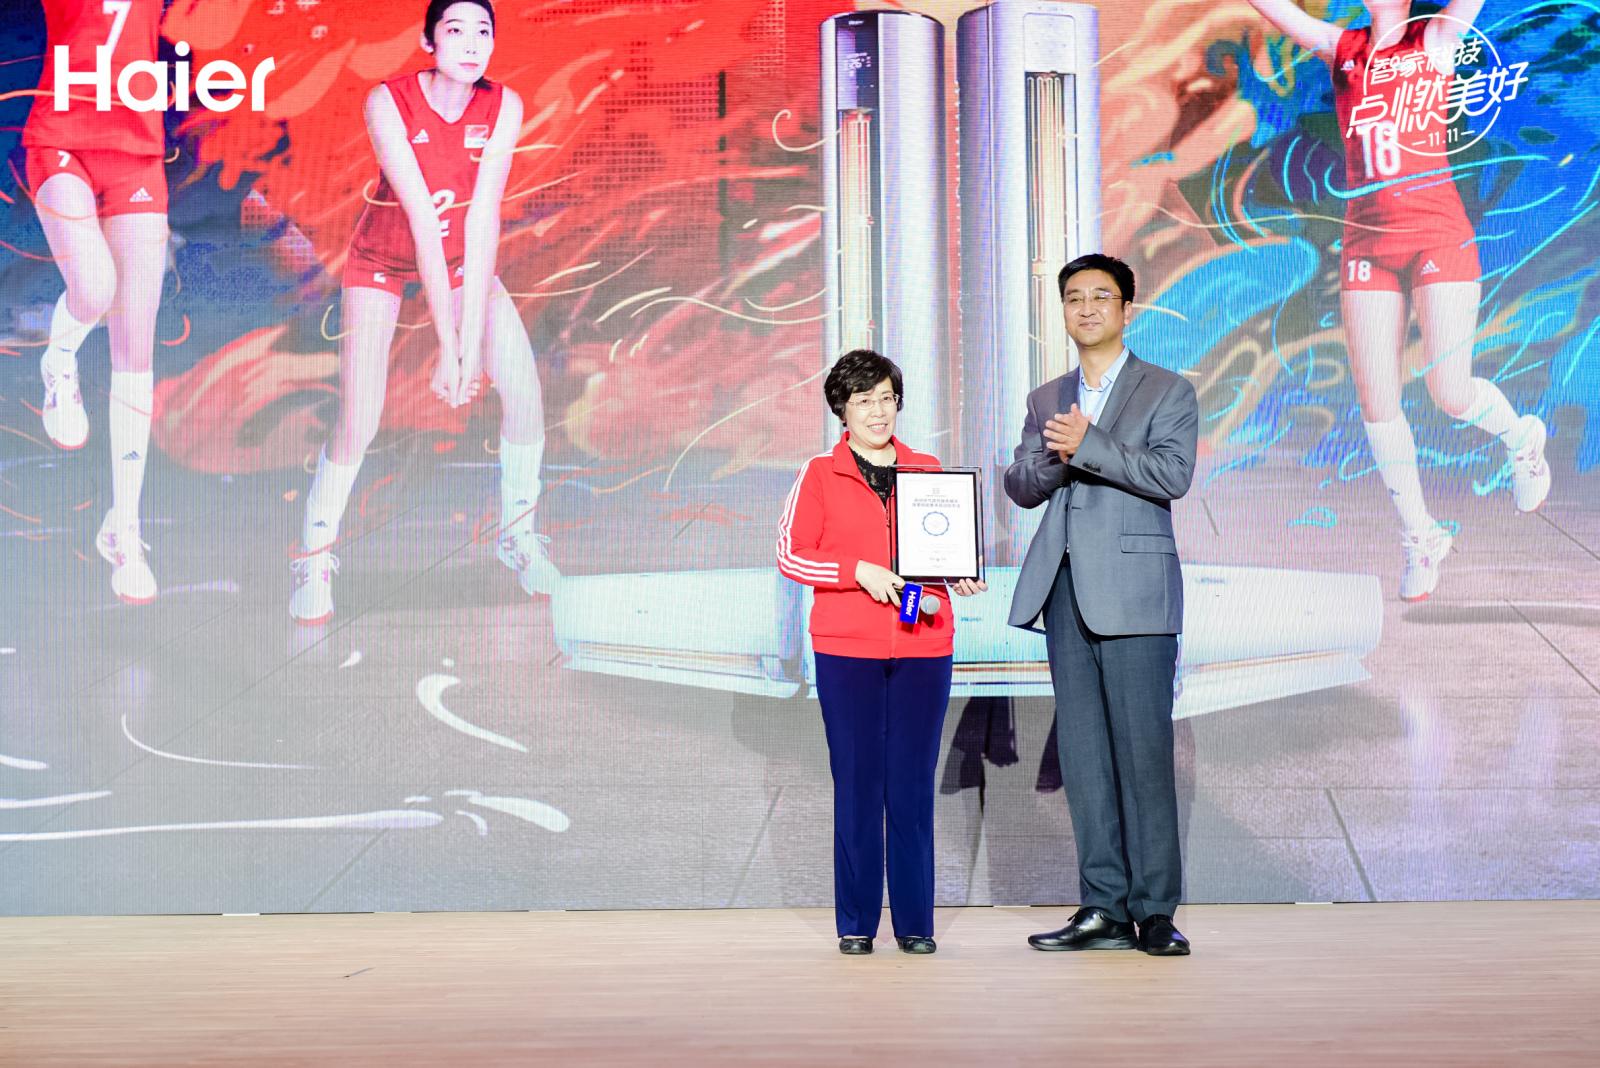 纯铜管、比钢耐用!中国女排见证冠军品质:海尔<a href=http://www.qhea.com/kongtiao/ target=_blank class=infotextkey>空调</a>只吹干净风